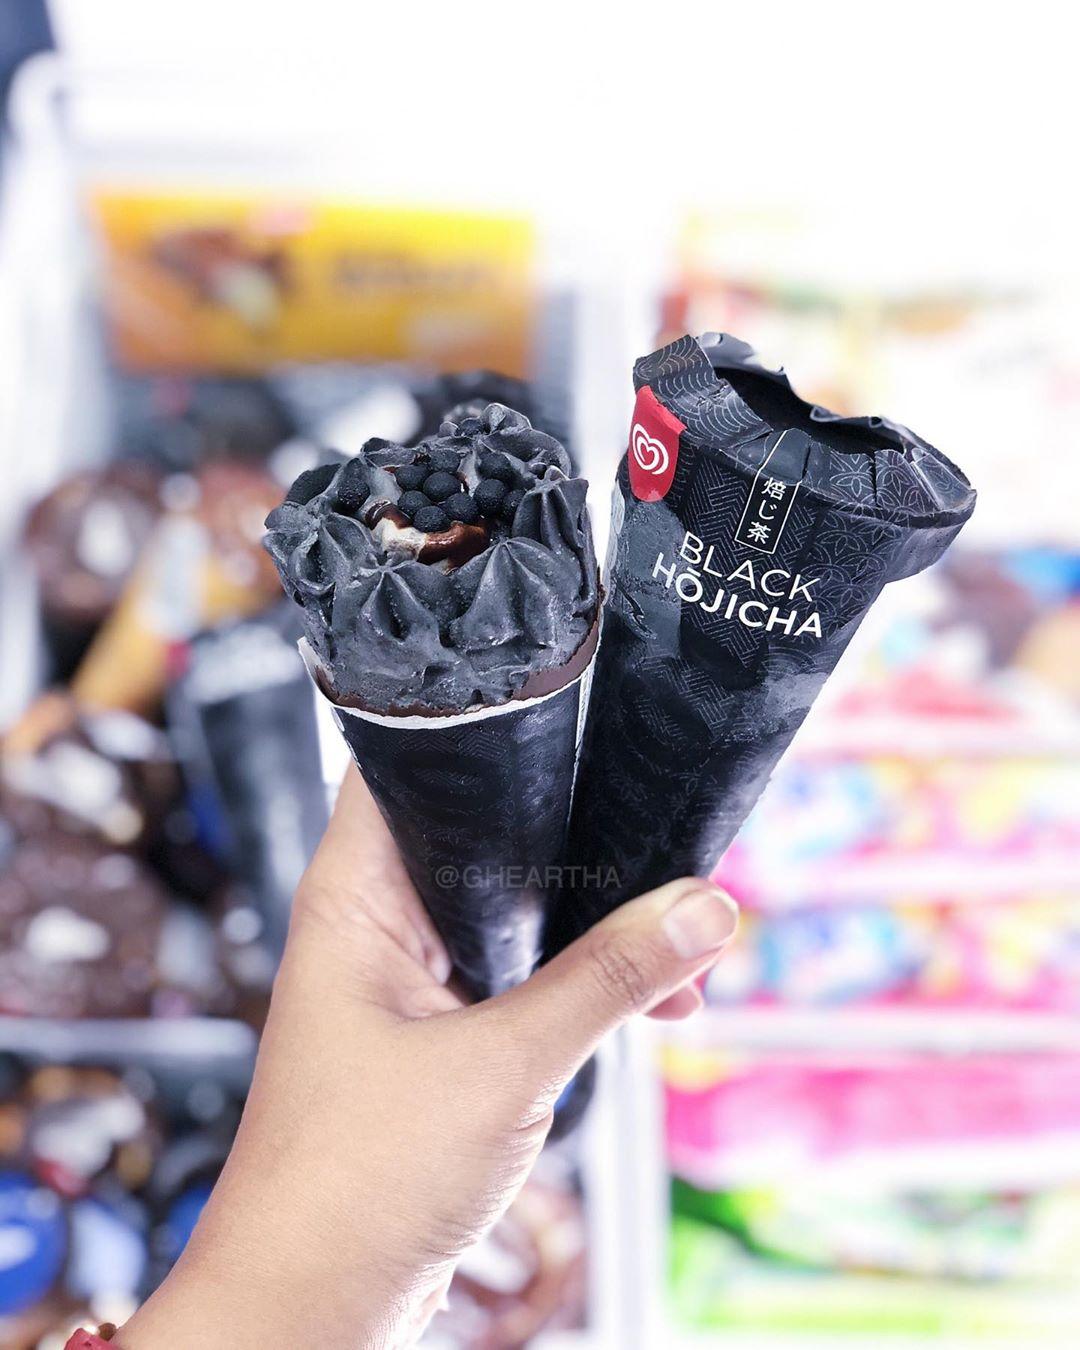 Black Hojicha Cornetto Malaysia